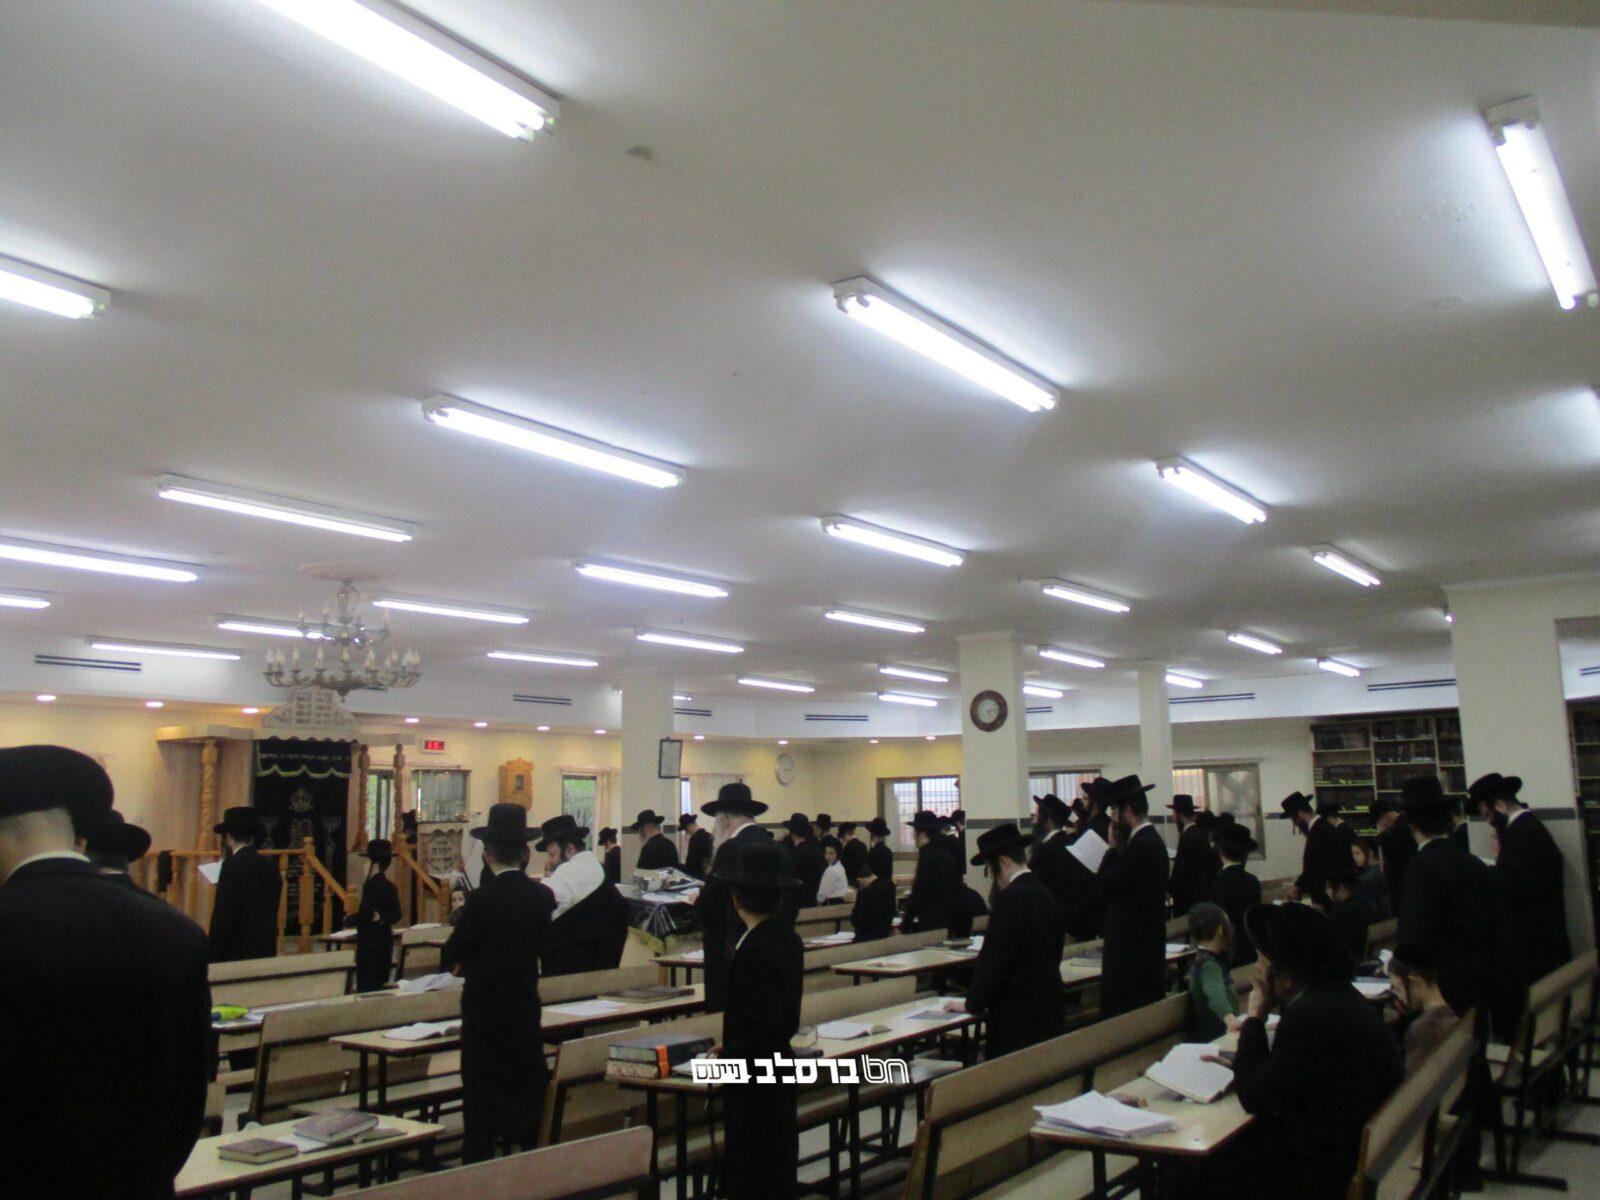 בית שמש – ווירוס הקורונה: בשעה האחרונה התקיימה התפילה העולמית בבית הכנסת ברסלב 'נחלת חן'